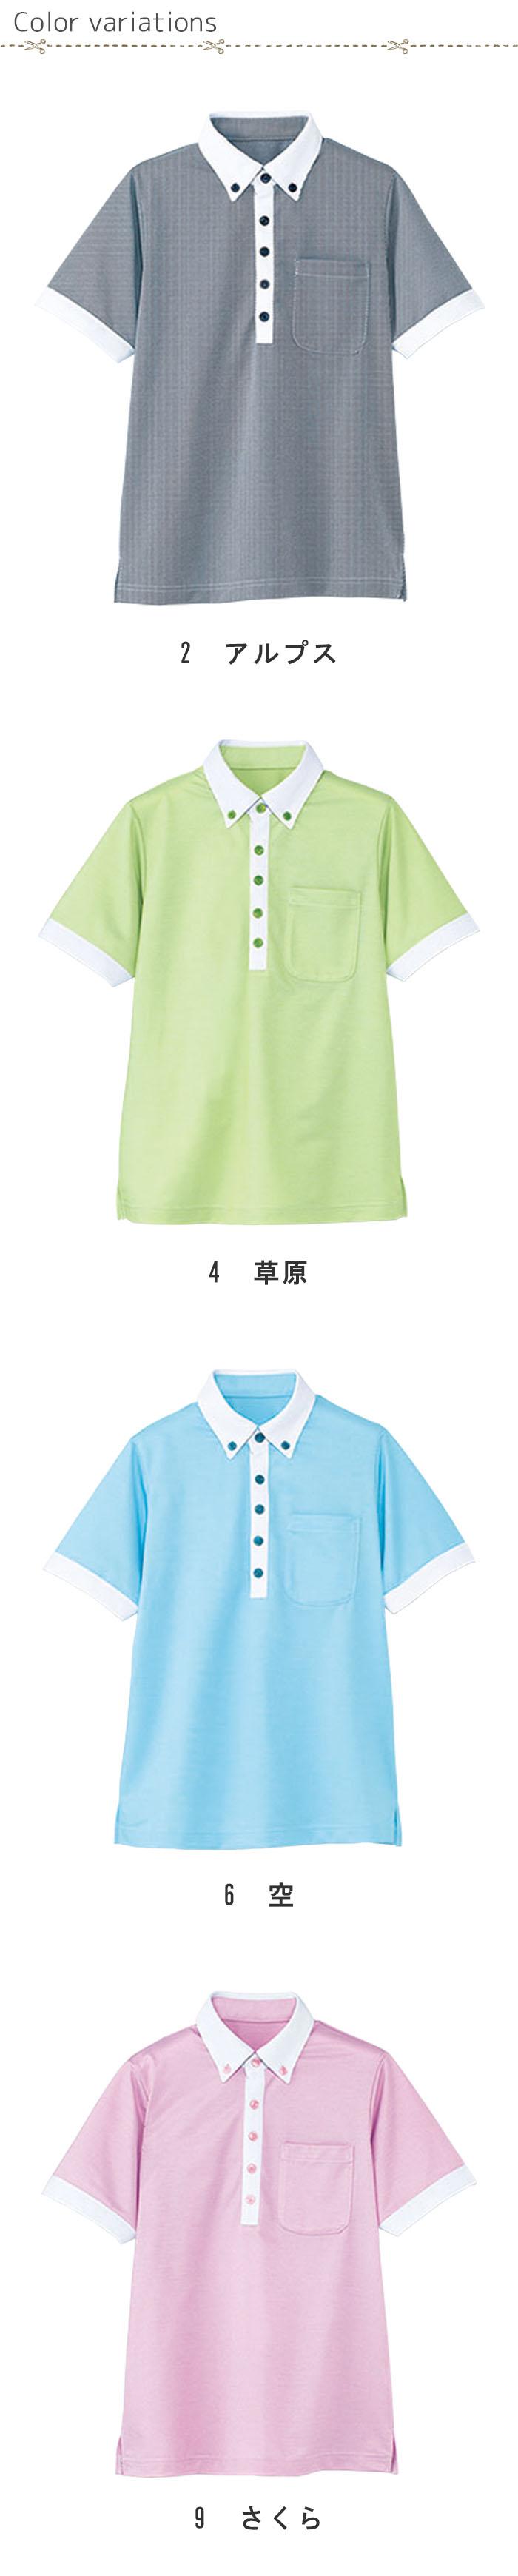 ケアスタッフの為に開発 ボタンダウンできちんと感 ポロシャツ【4色】男女兼用